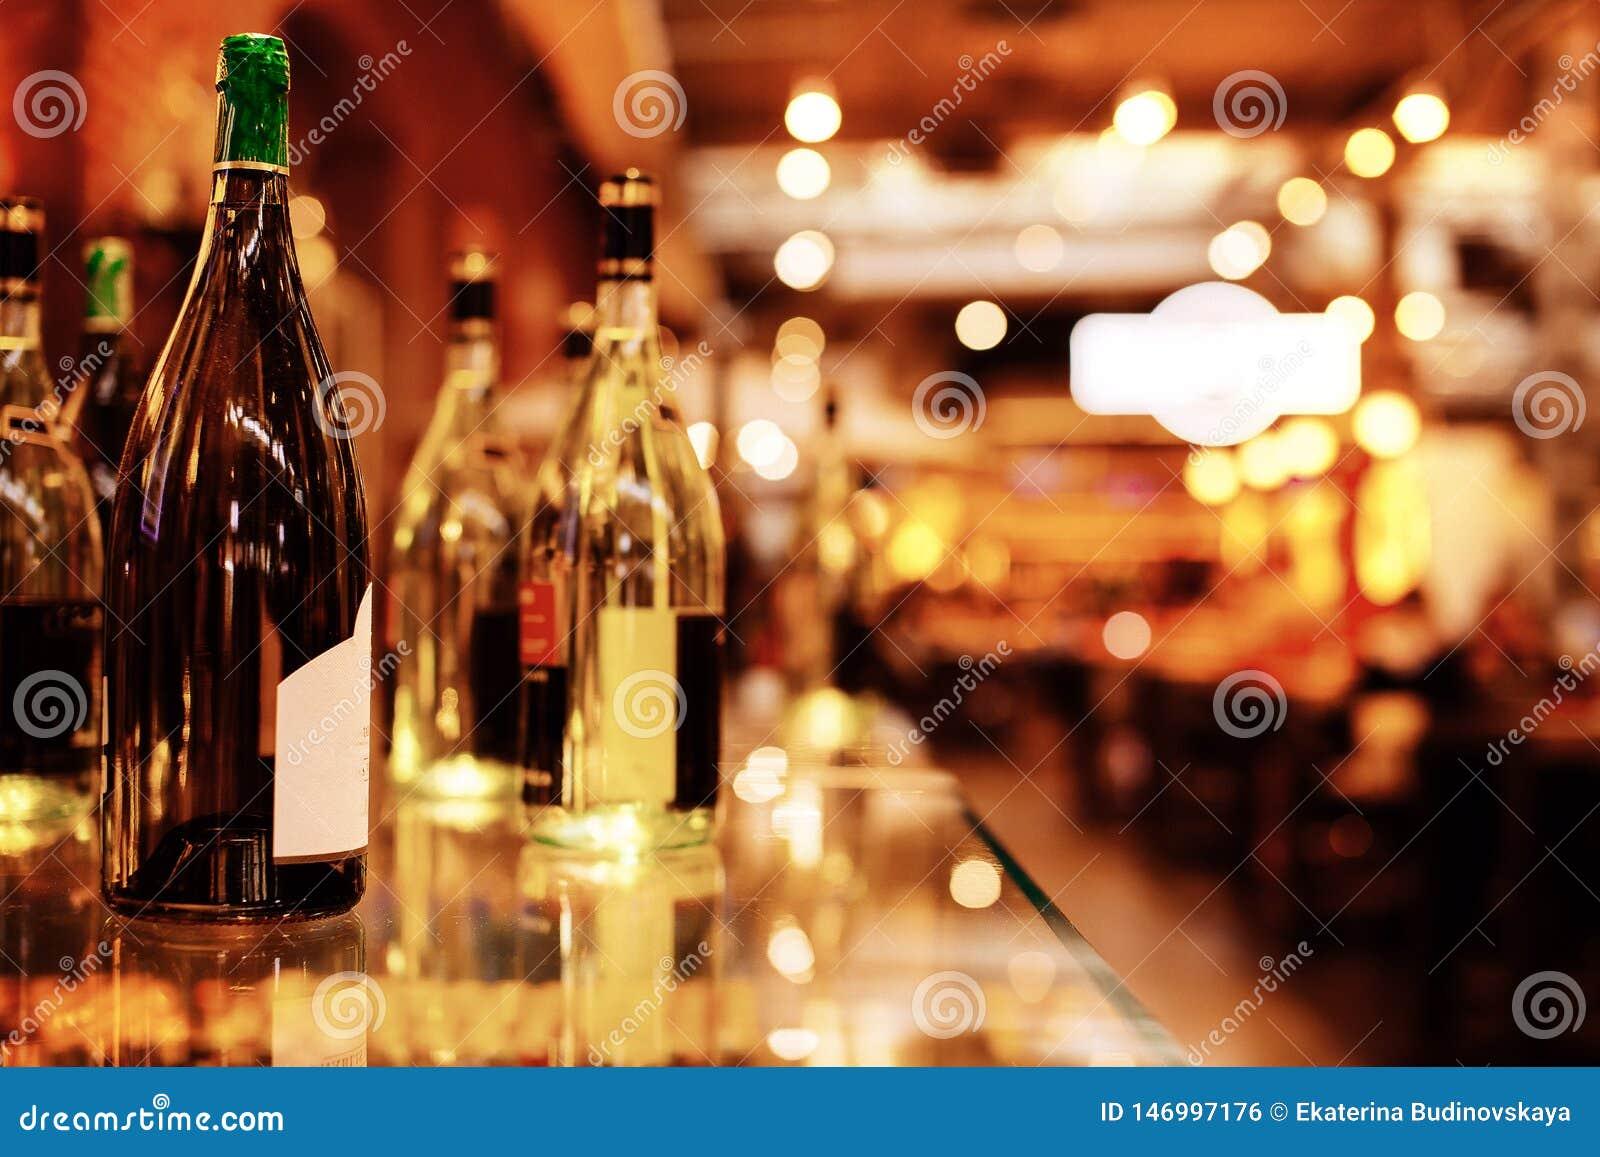 Botellas en la barra